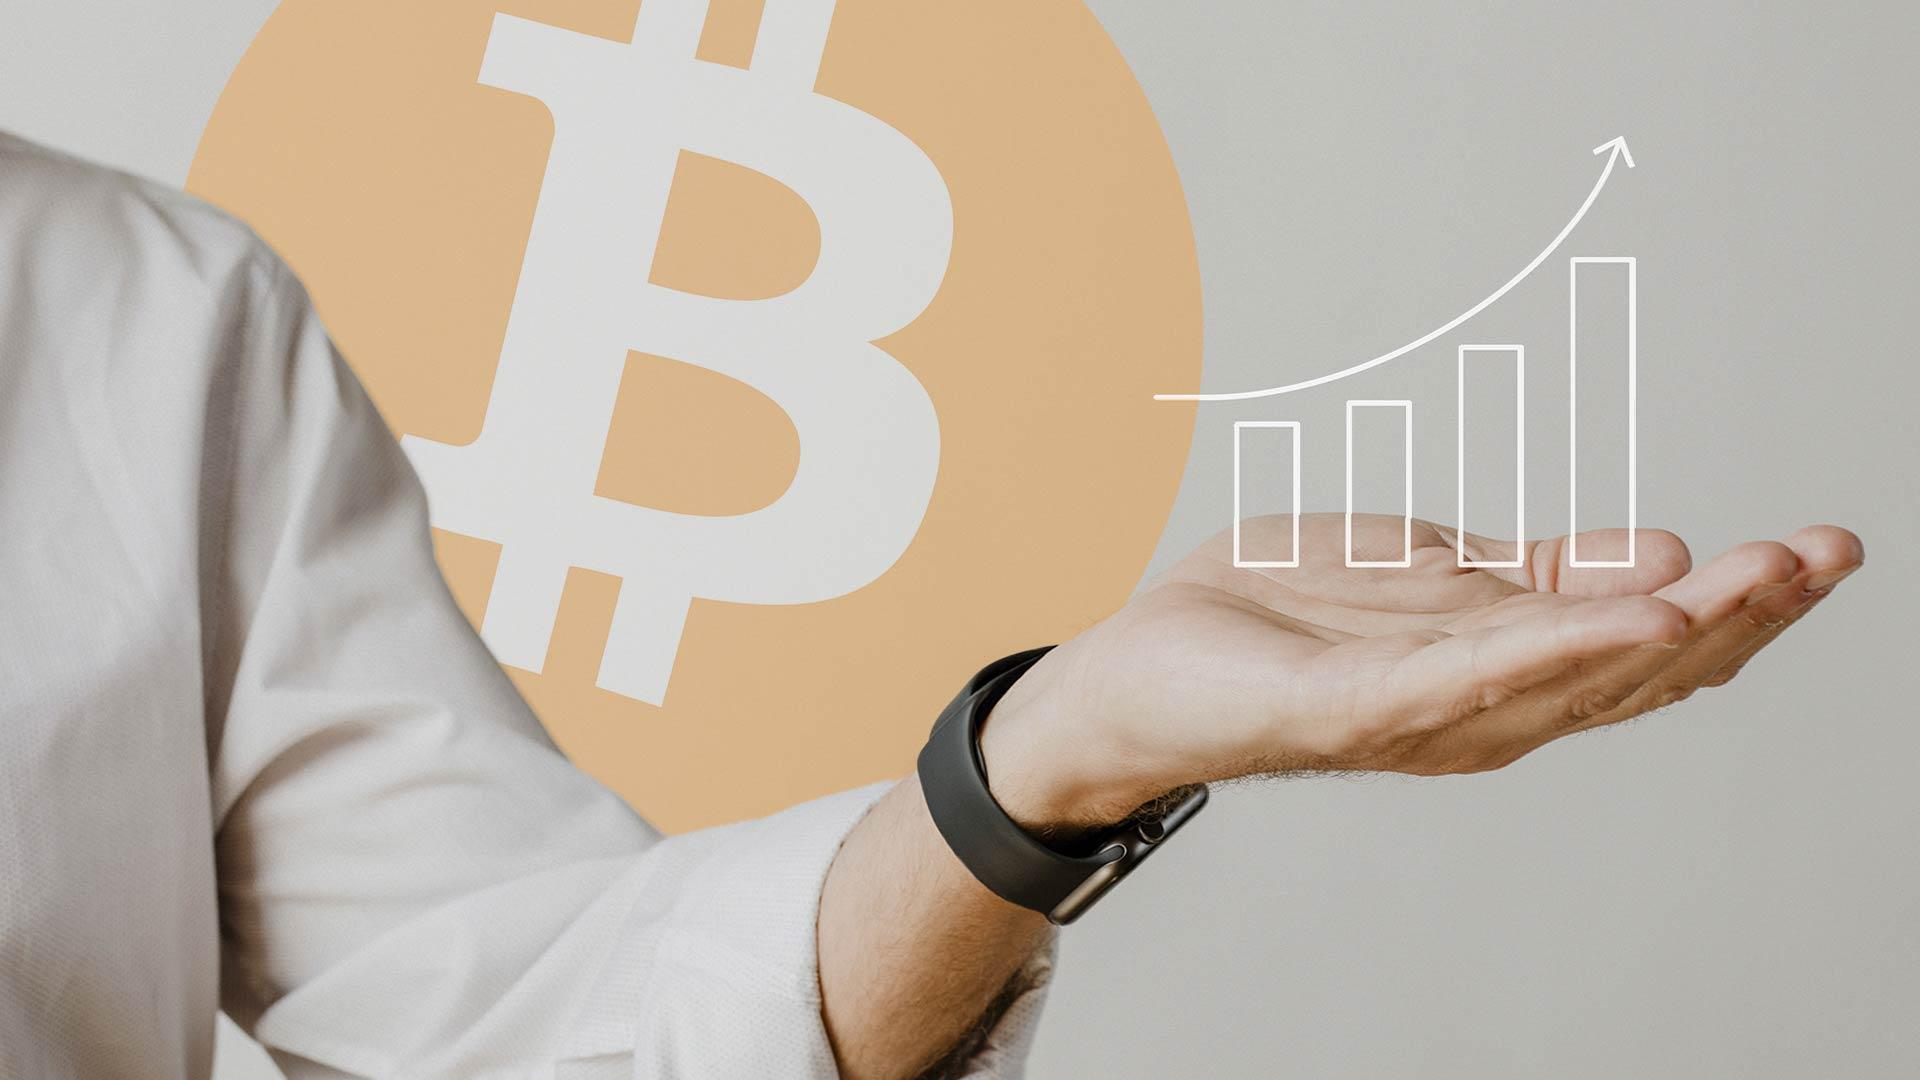 investimento em Bitcoin Inter